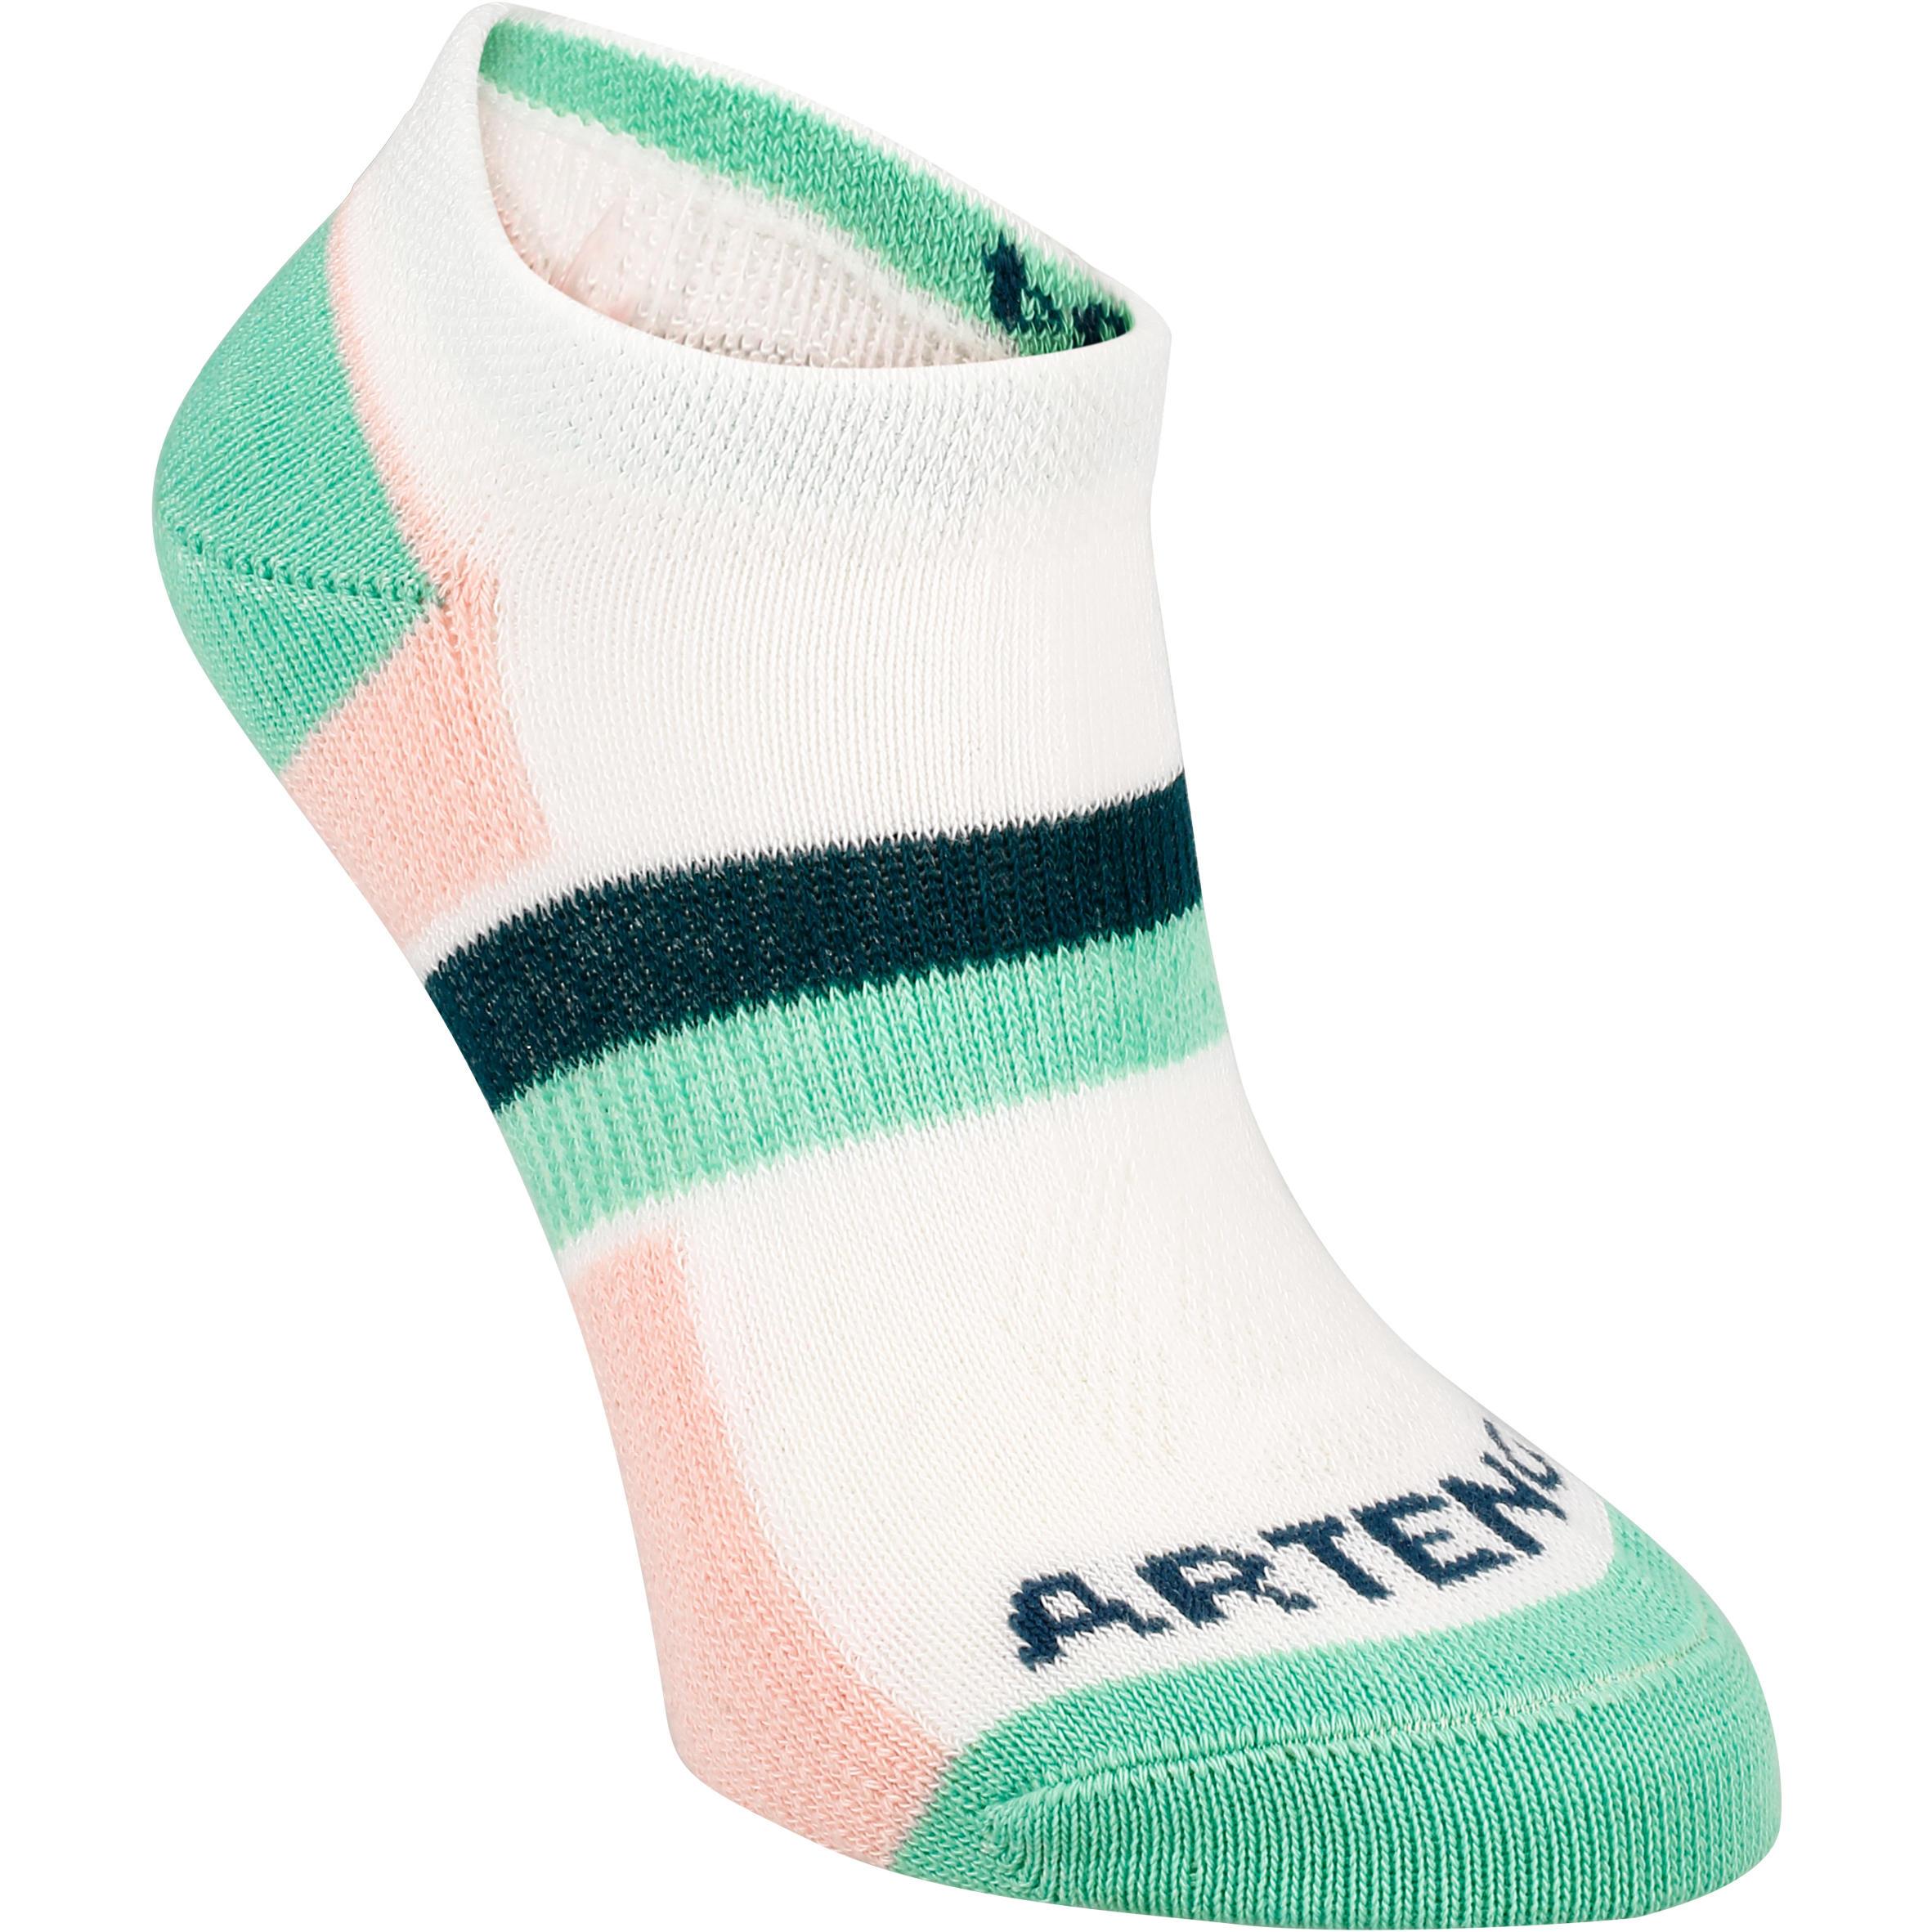 Junior Socks Low 3-Pack - Pink\Green